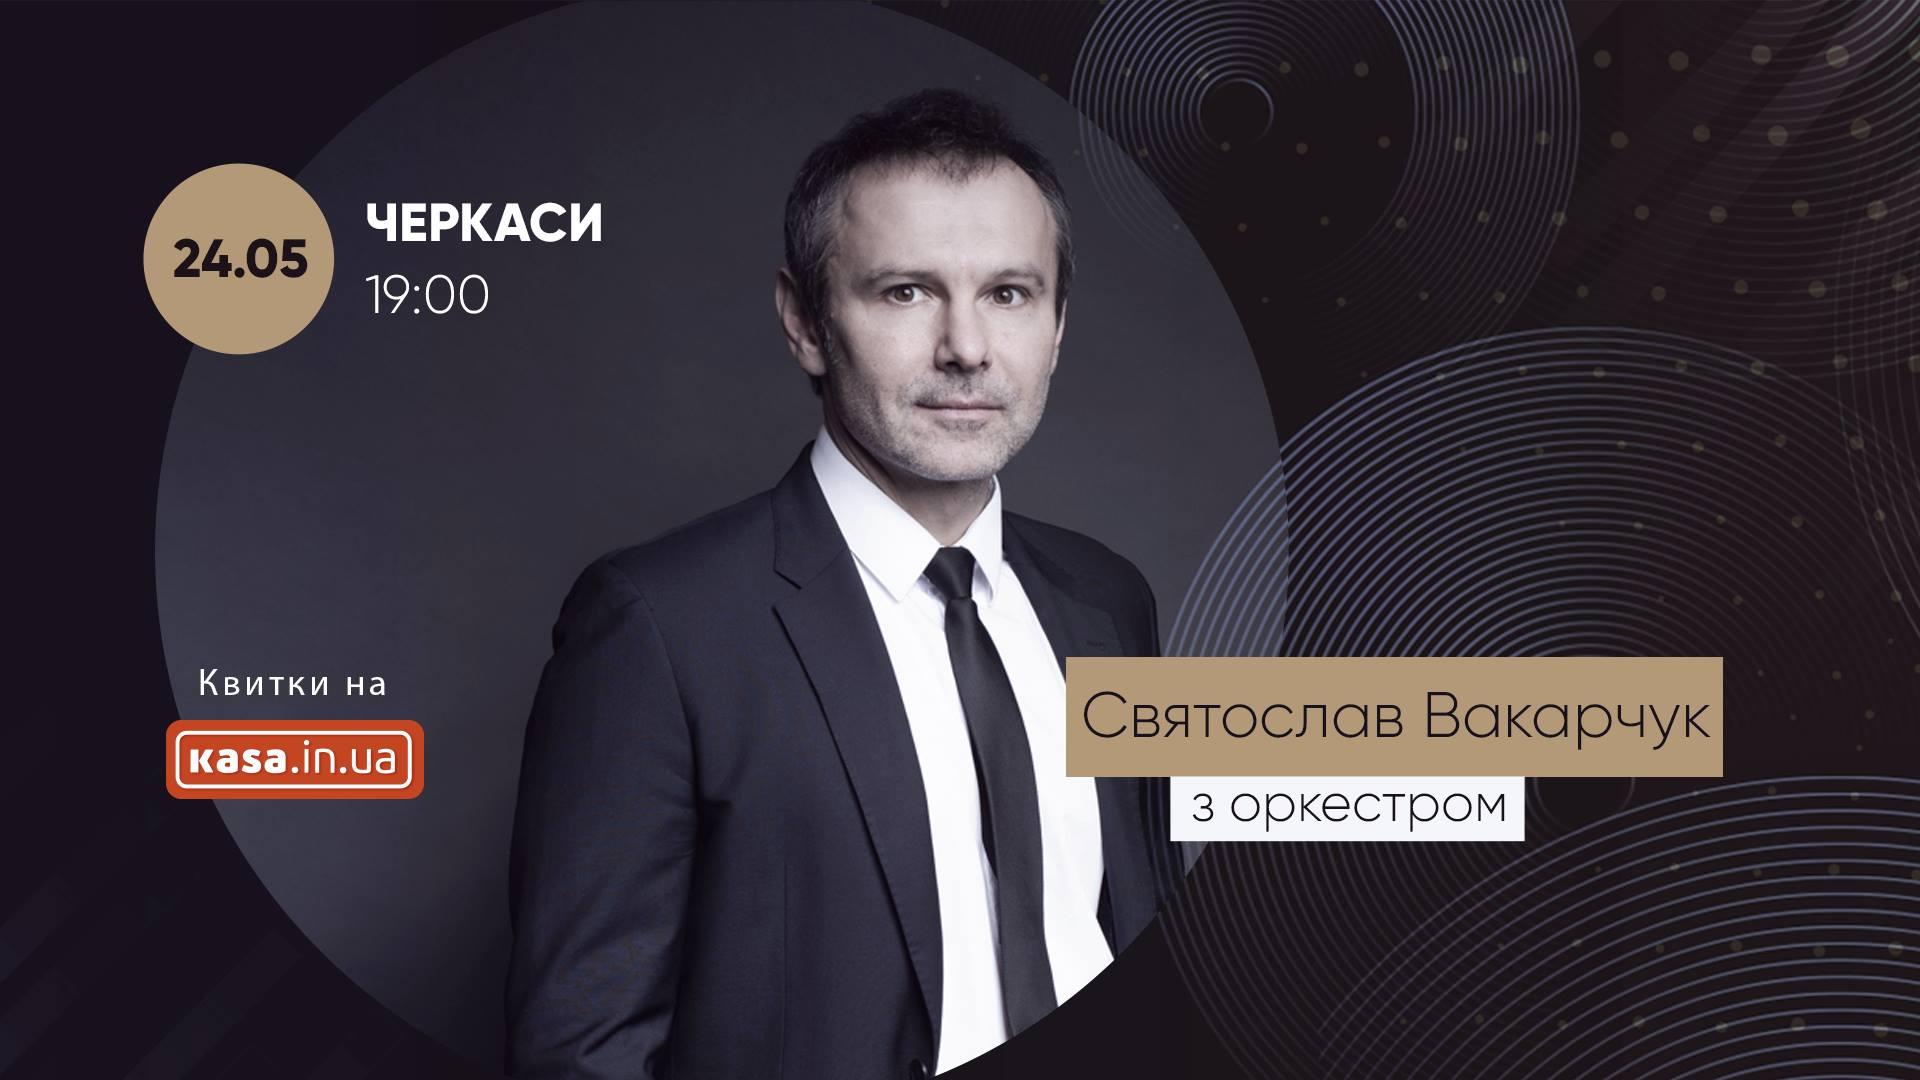 Святослав Вакарчук приїде до Черкас з камерним оркестром